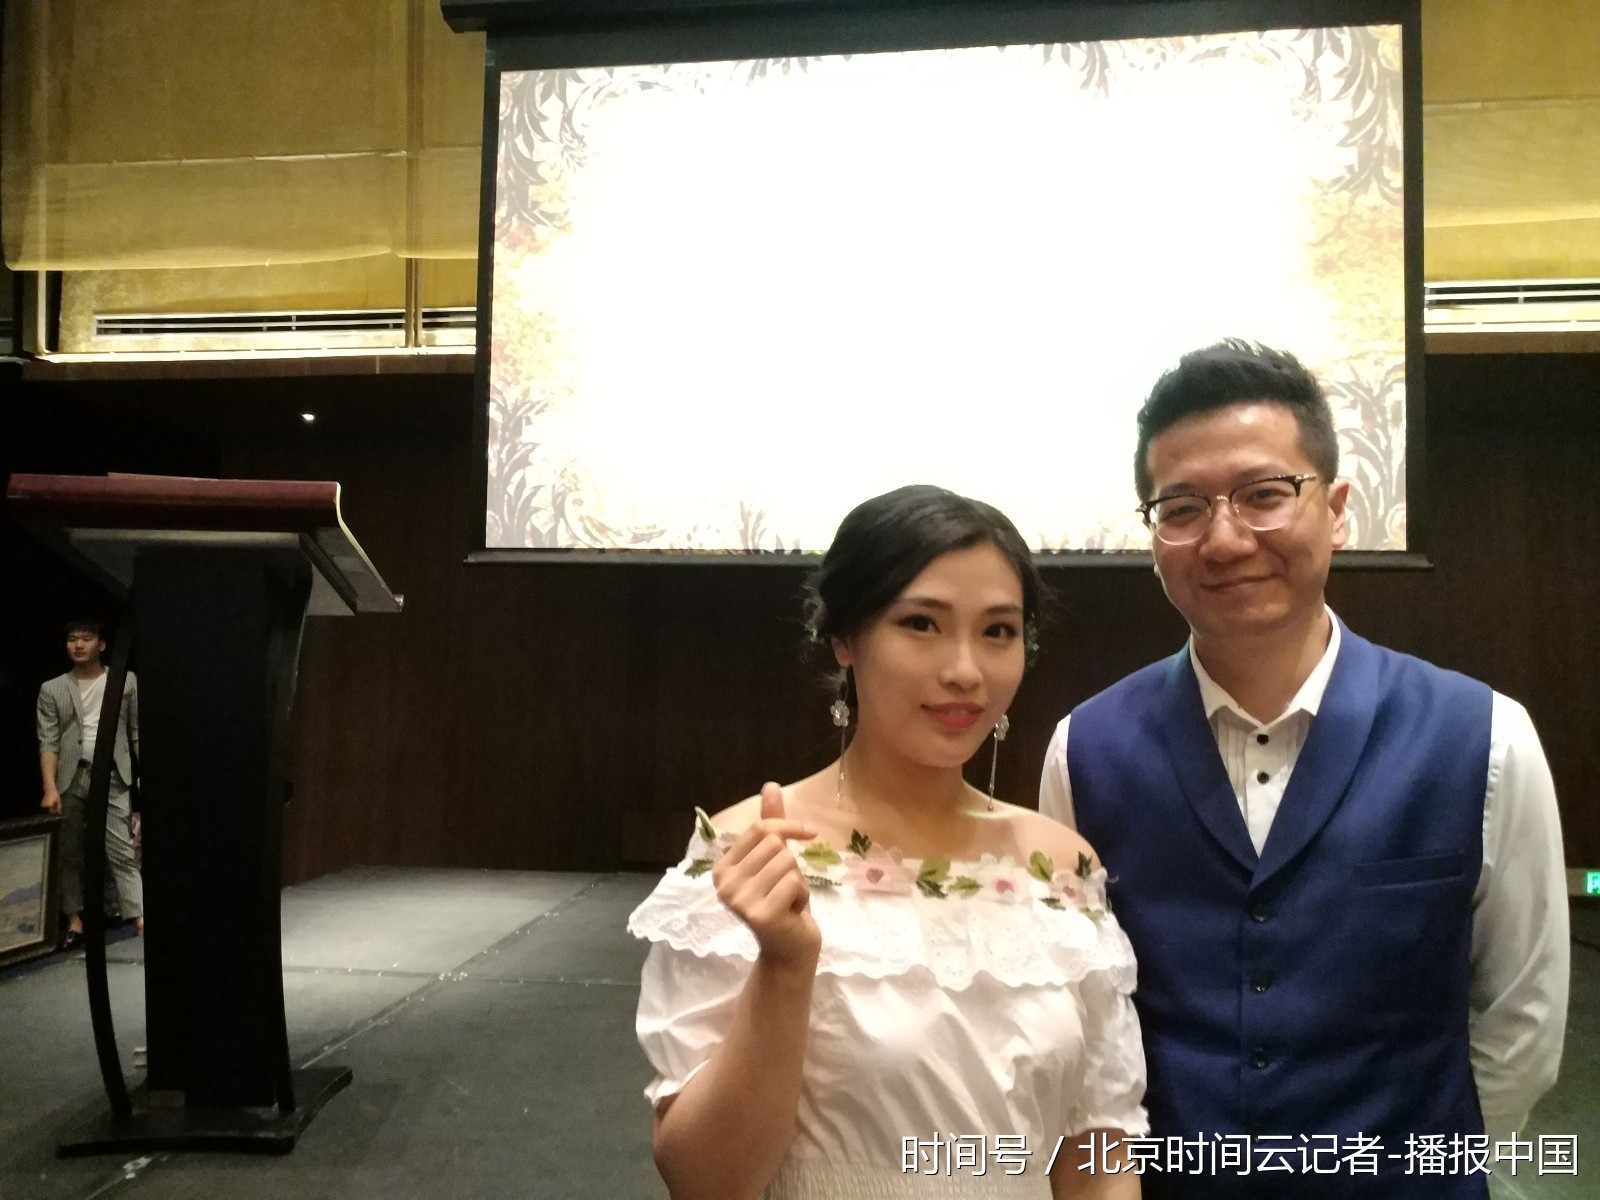 嘉斯伯特高端藝術品品鑒會在鄭州成功舉辦